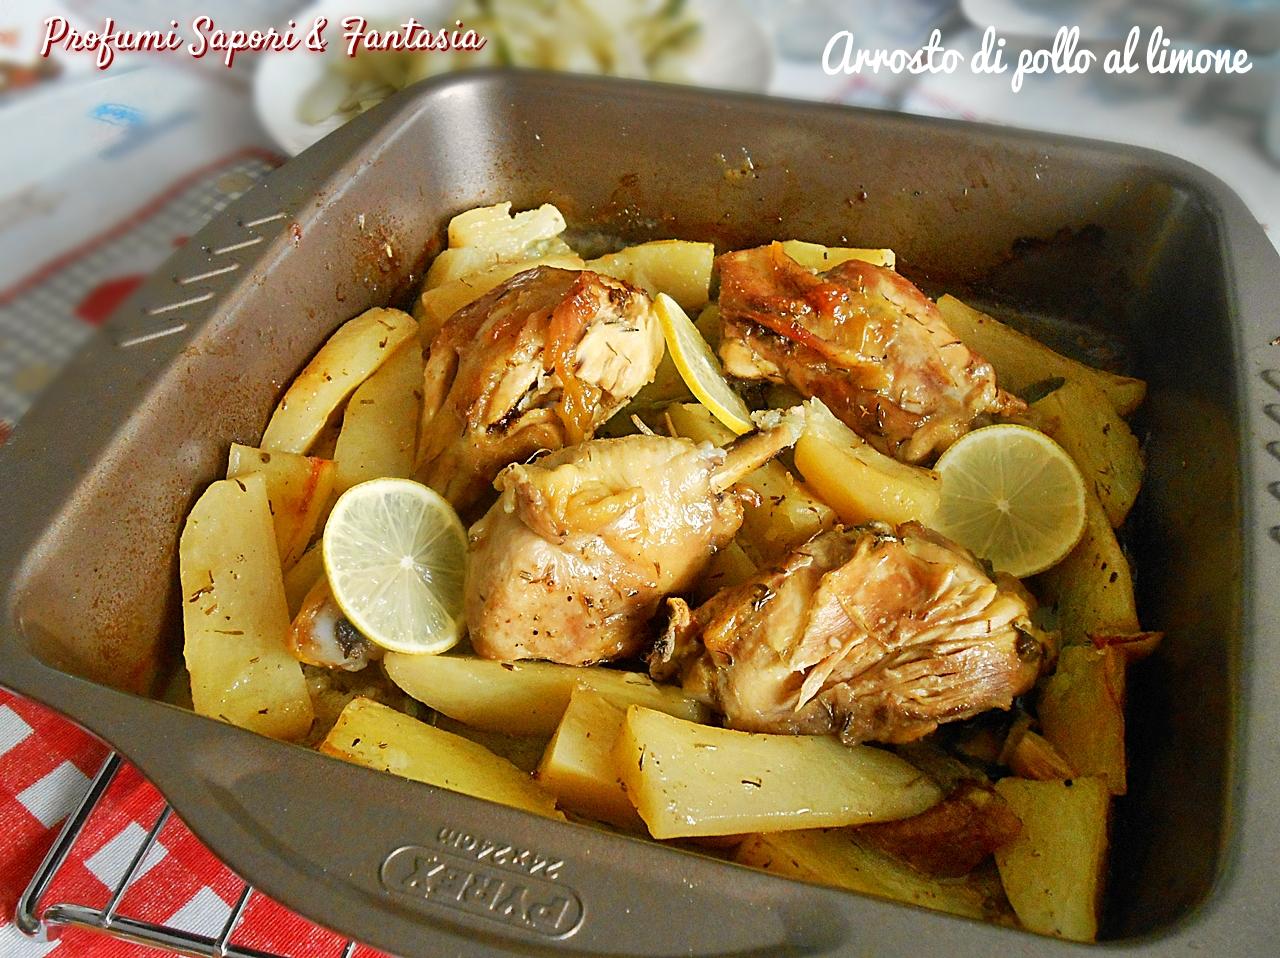 Arrosto di pollo al limone